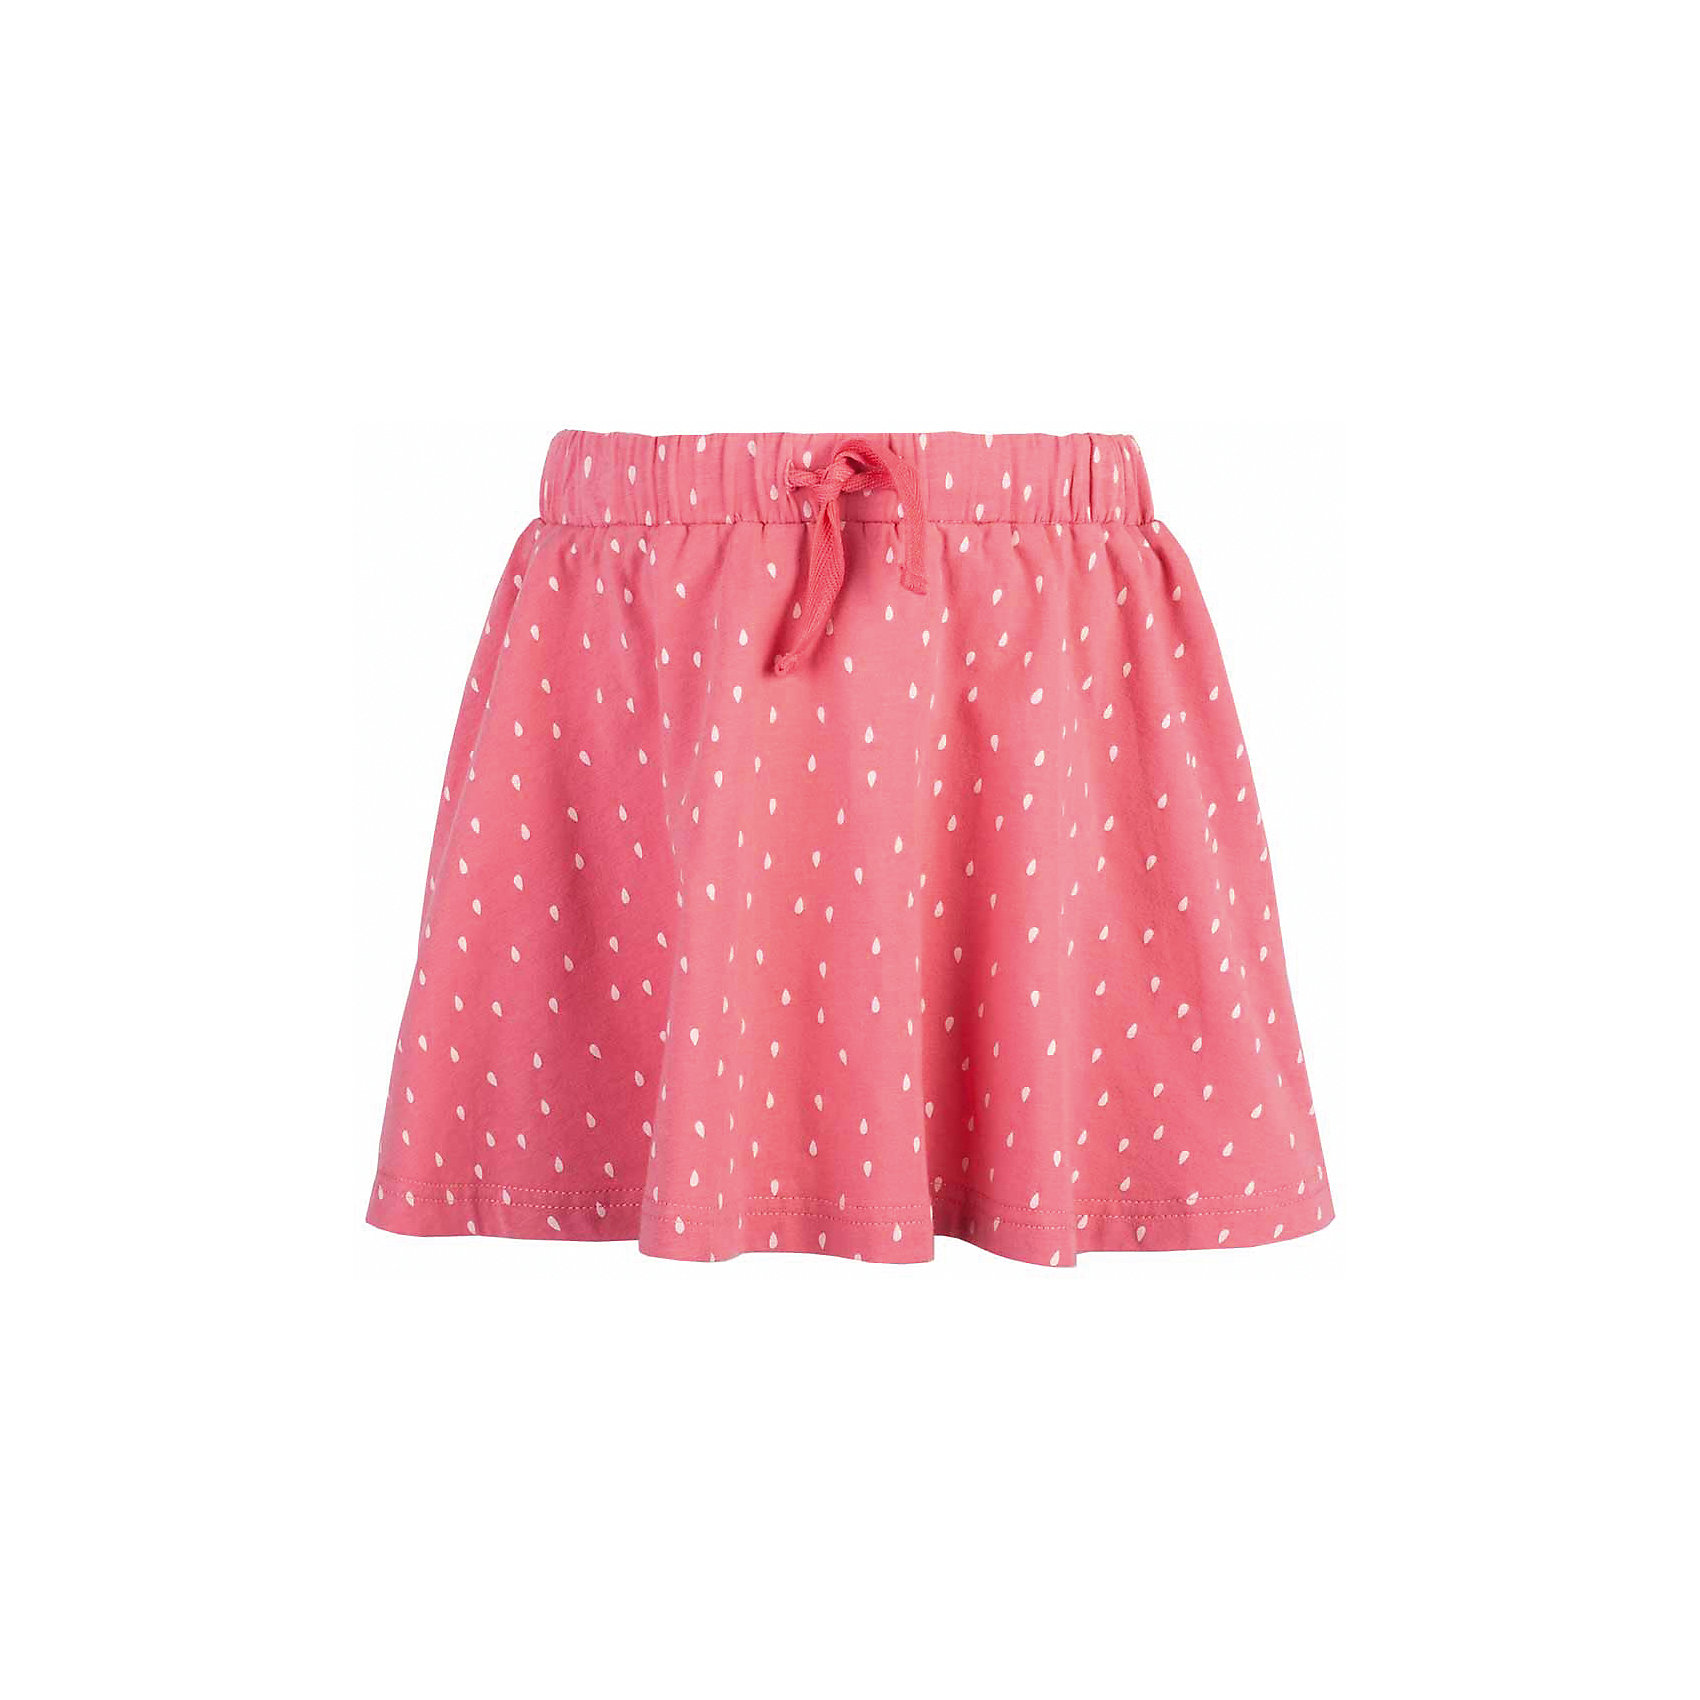 Юбка для девочки  BUTTON BLUEЮбки<br>Юбка для девочки  BUTTON BLUE<br>Не один детский гардероб не обойдется без летней юбки. А если она еще и красива, и удобна, и продается по доступной цене, эта юбка девочке просто необходима! Если вы хотите купить стильную трикотажную юбку недорого, не сомневаясь в ее качестве, комфорте и высоких потребительских свойствах, эта симпатичная модель с рисунком — отличный вариант!<br>Состав:<br>95% хлопок 5% эластан<br><br>Ширина мм: 207<br>Глубина мм: 10<br>Высота мм: 189<br>Вес г: 183<br>Цвет: розовый<br>Возраст от месяцев: 120<br>Возраст до месяцев: 132<br>Пол: Женский<br>Возраст: Детский<br>Размер: 152,98,158,104,146,110,116,122,128,134,140<br>SKU: 5523583